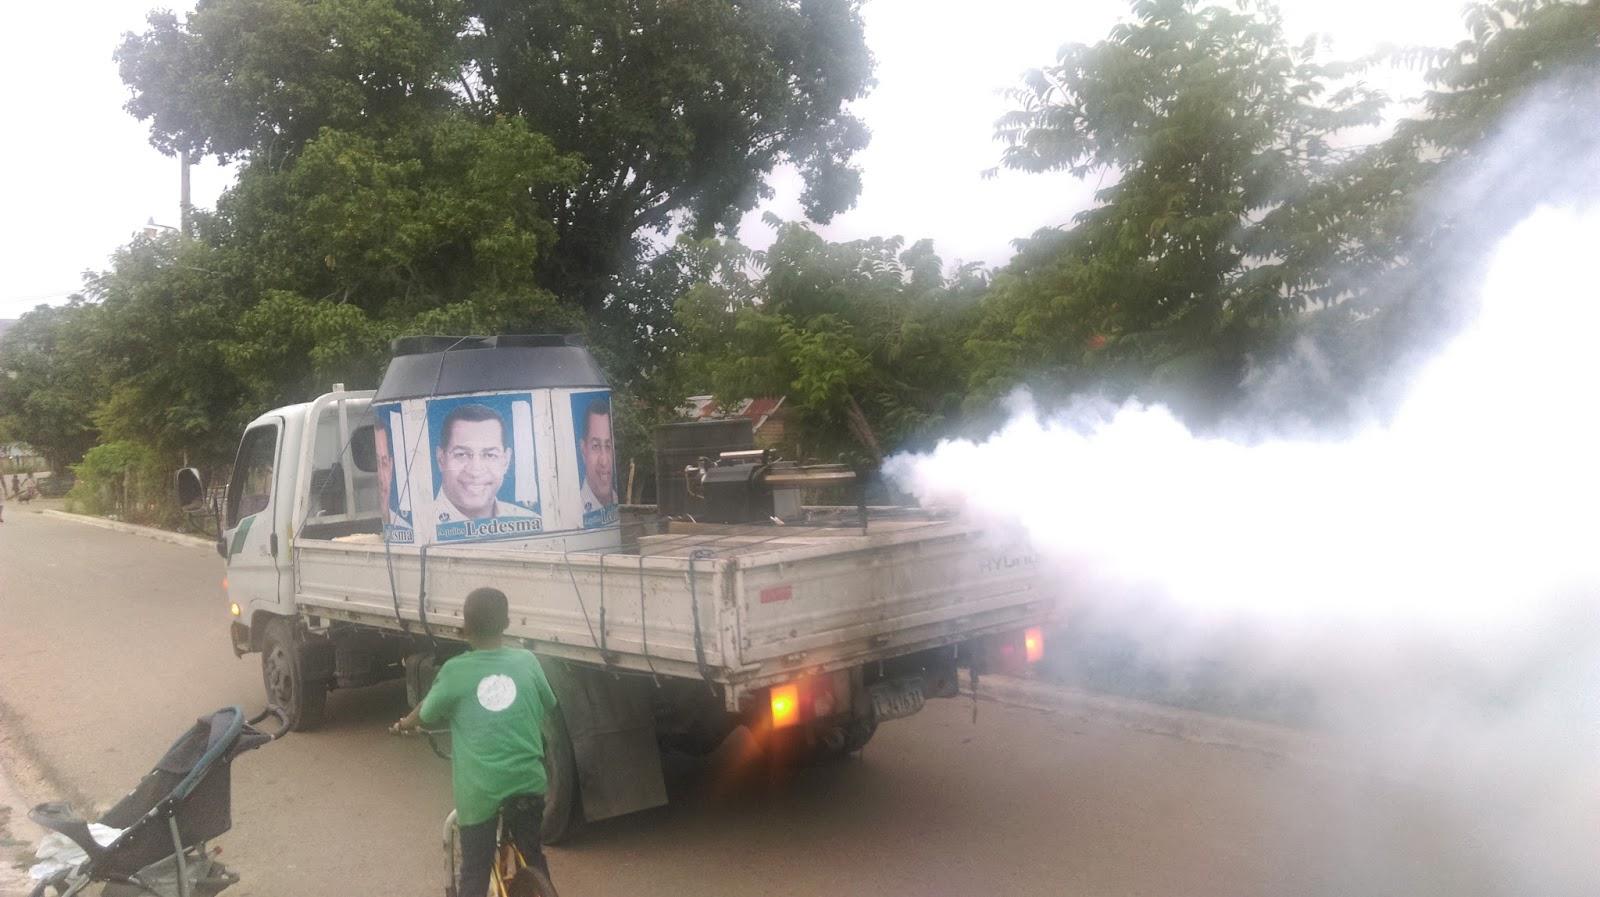 Residentes de La Guázara piden a Salud pública que prohíba la fumigación del camión del ex diputado Aquiles Ledesma